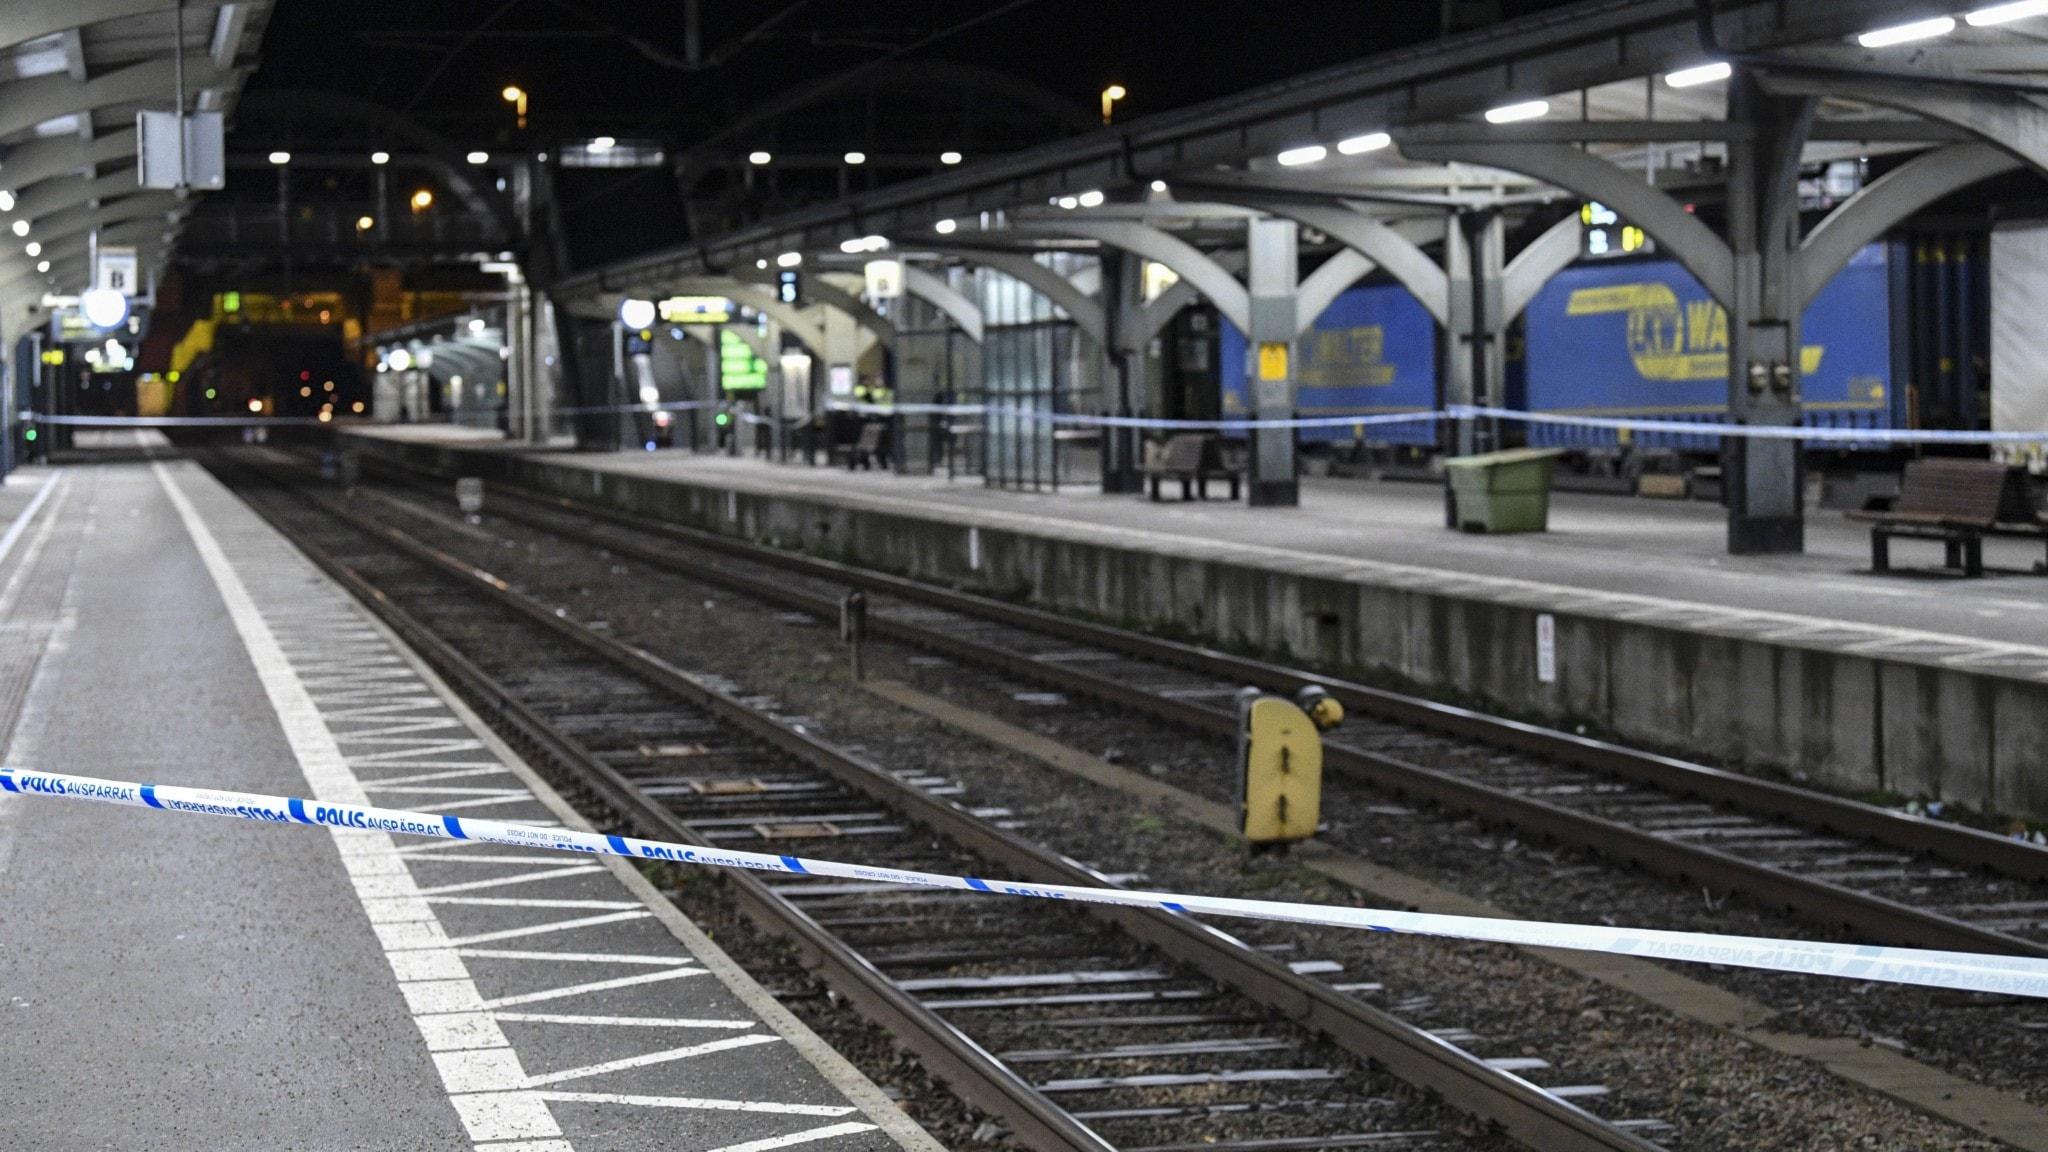 Ankommande tåg lund